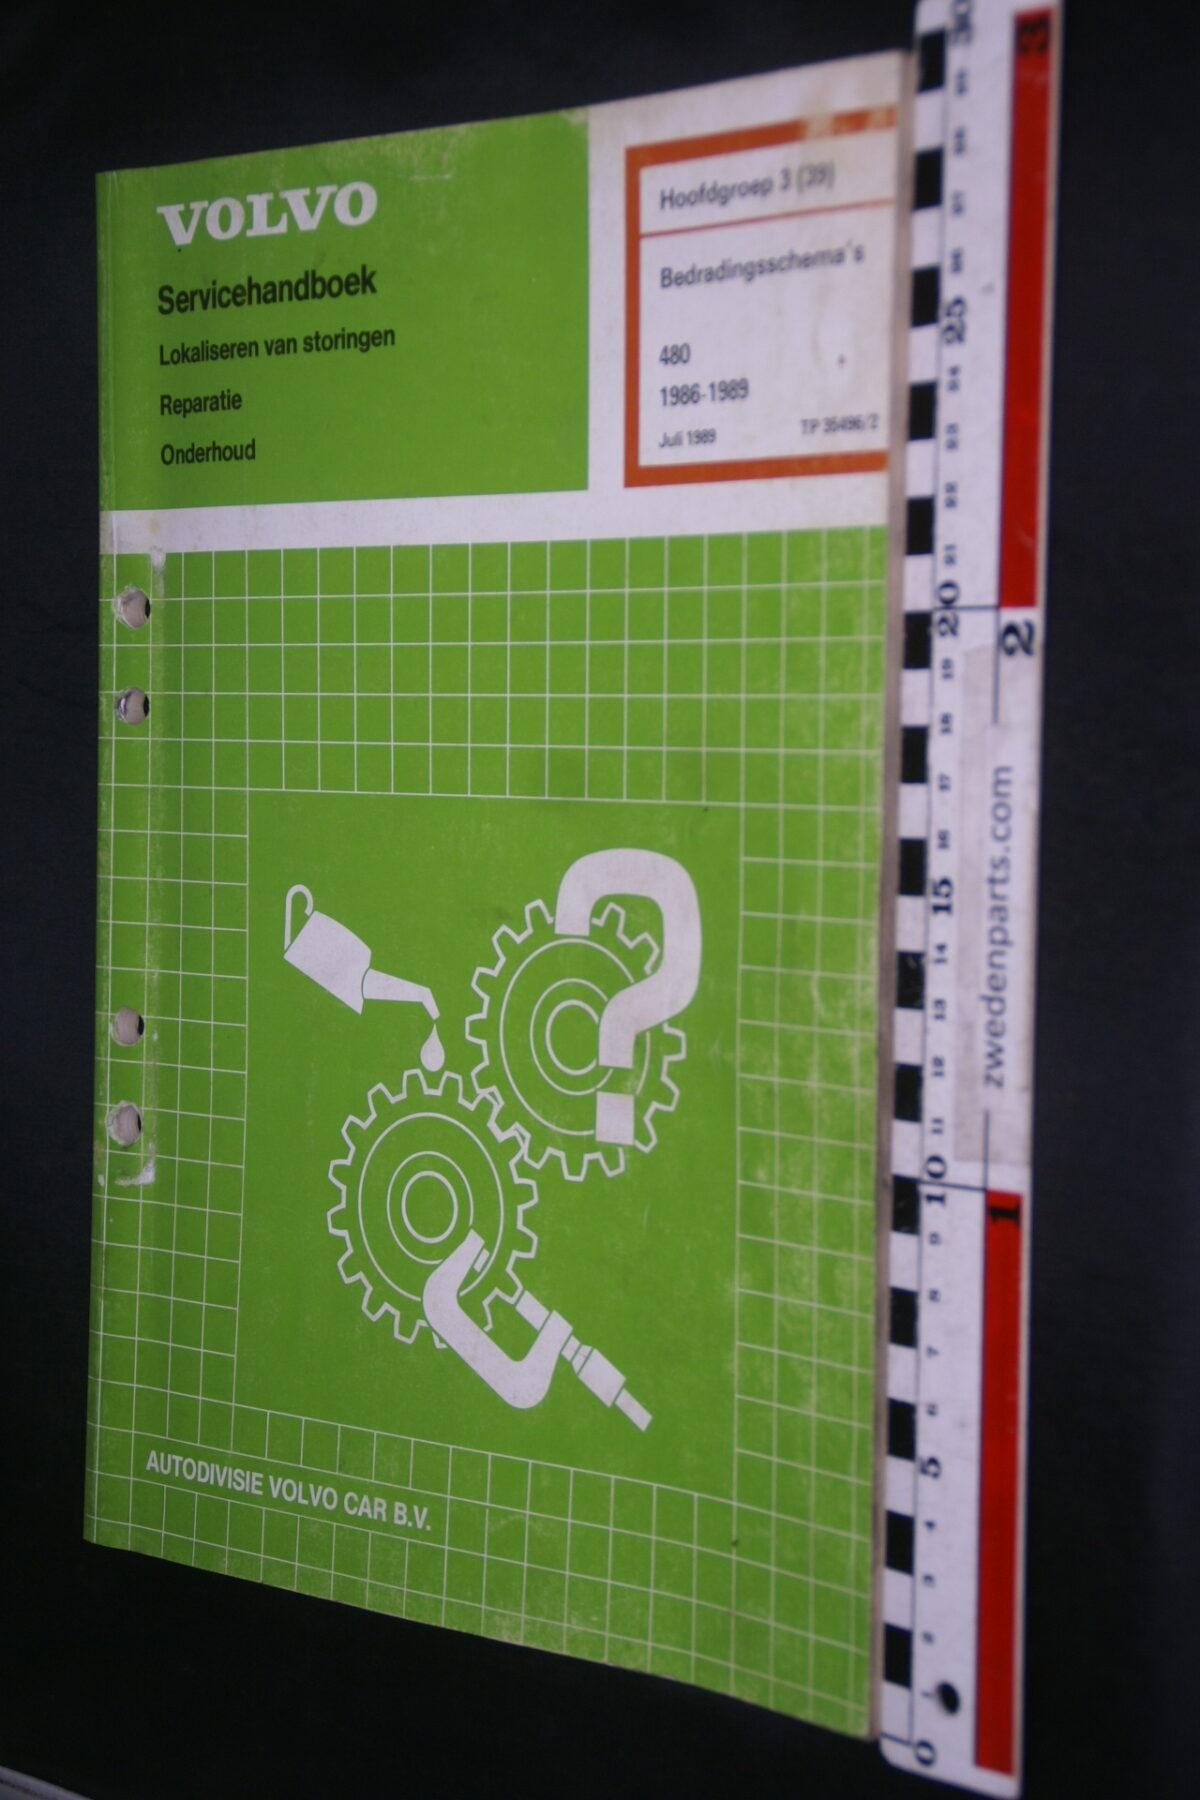 DSC08866 1989 origineel Volvo 480 servicehandboek  3 (39) bedradingsschema 1 van 1.200 TP 35496-2